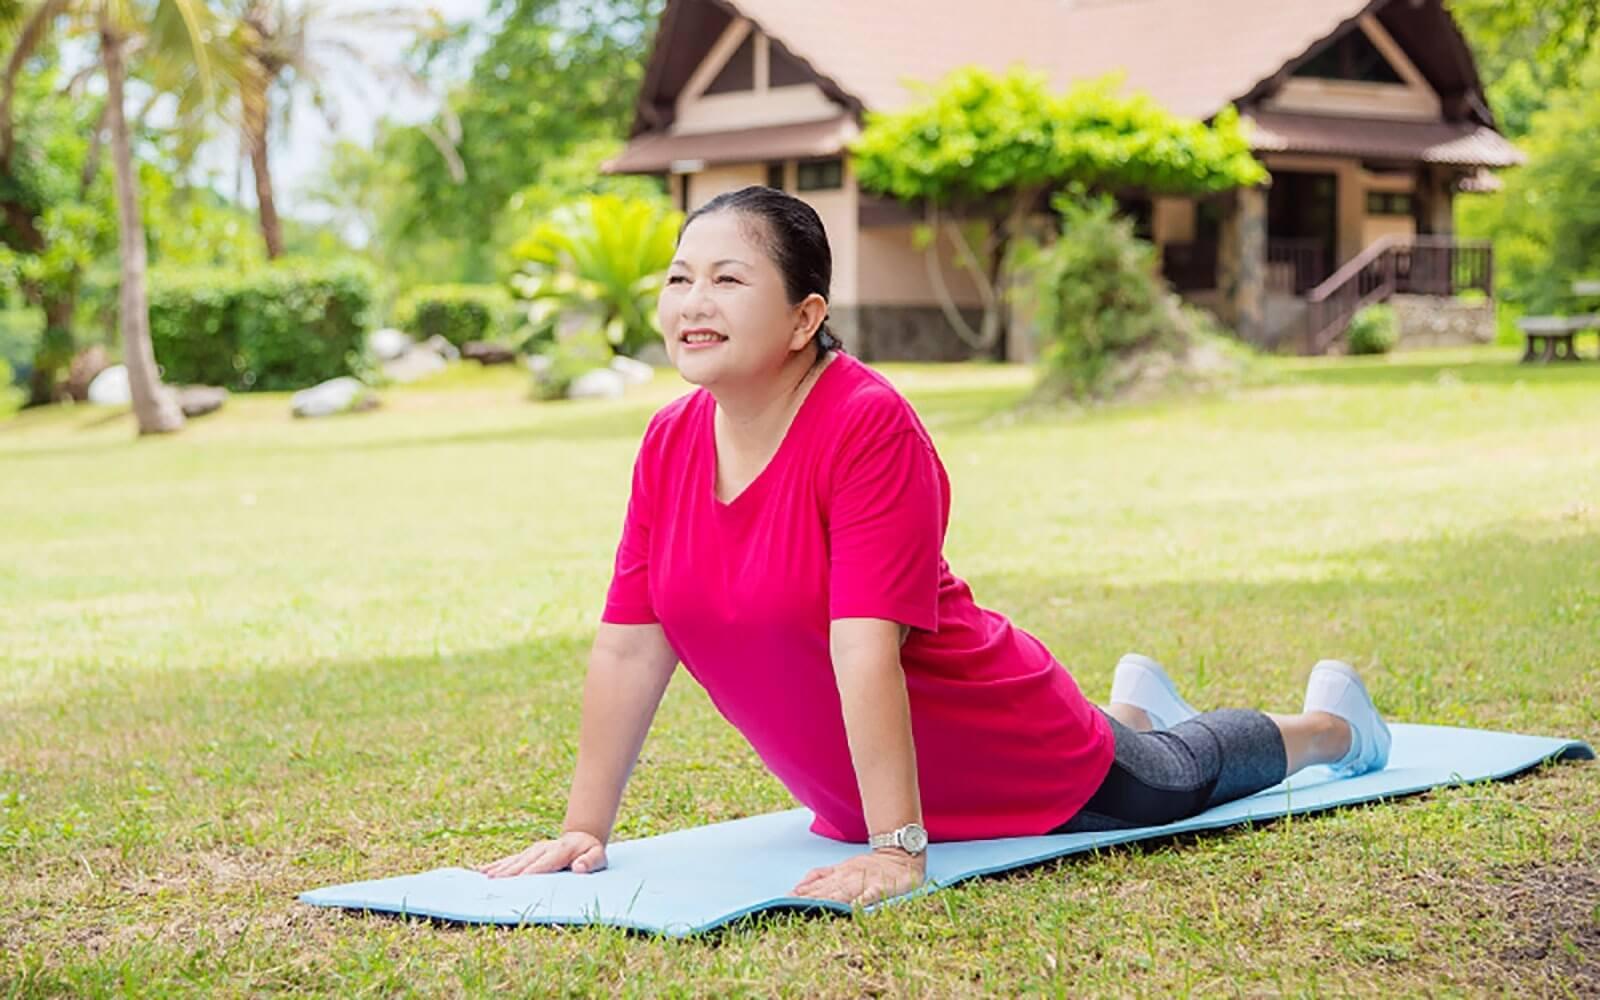 Pose Yoga Terbaik untuk Diabetes